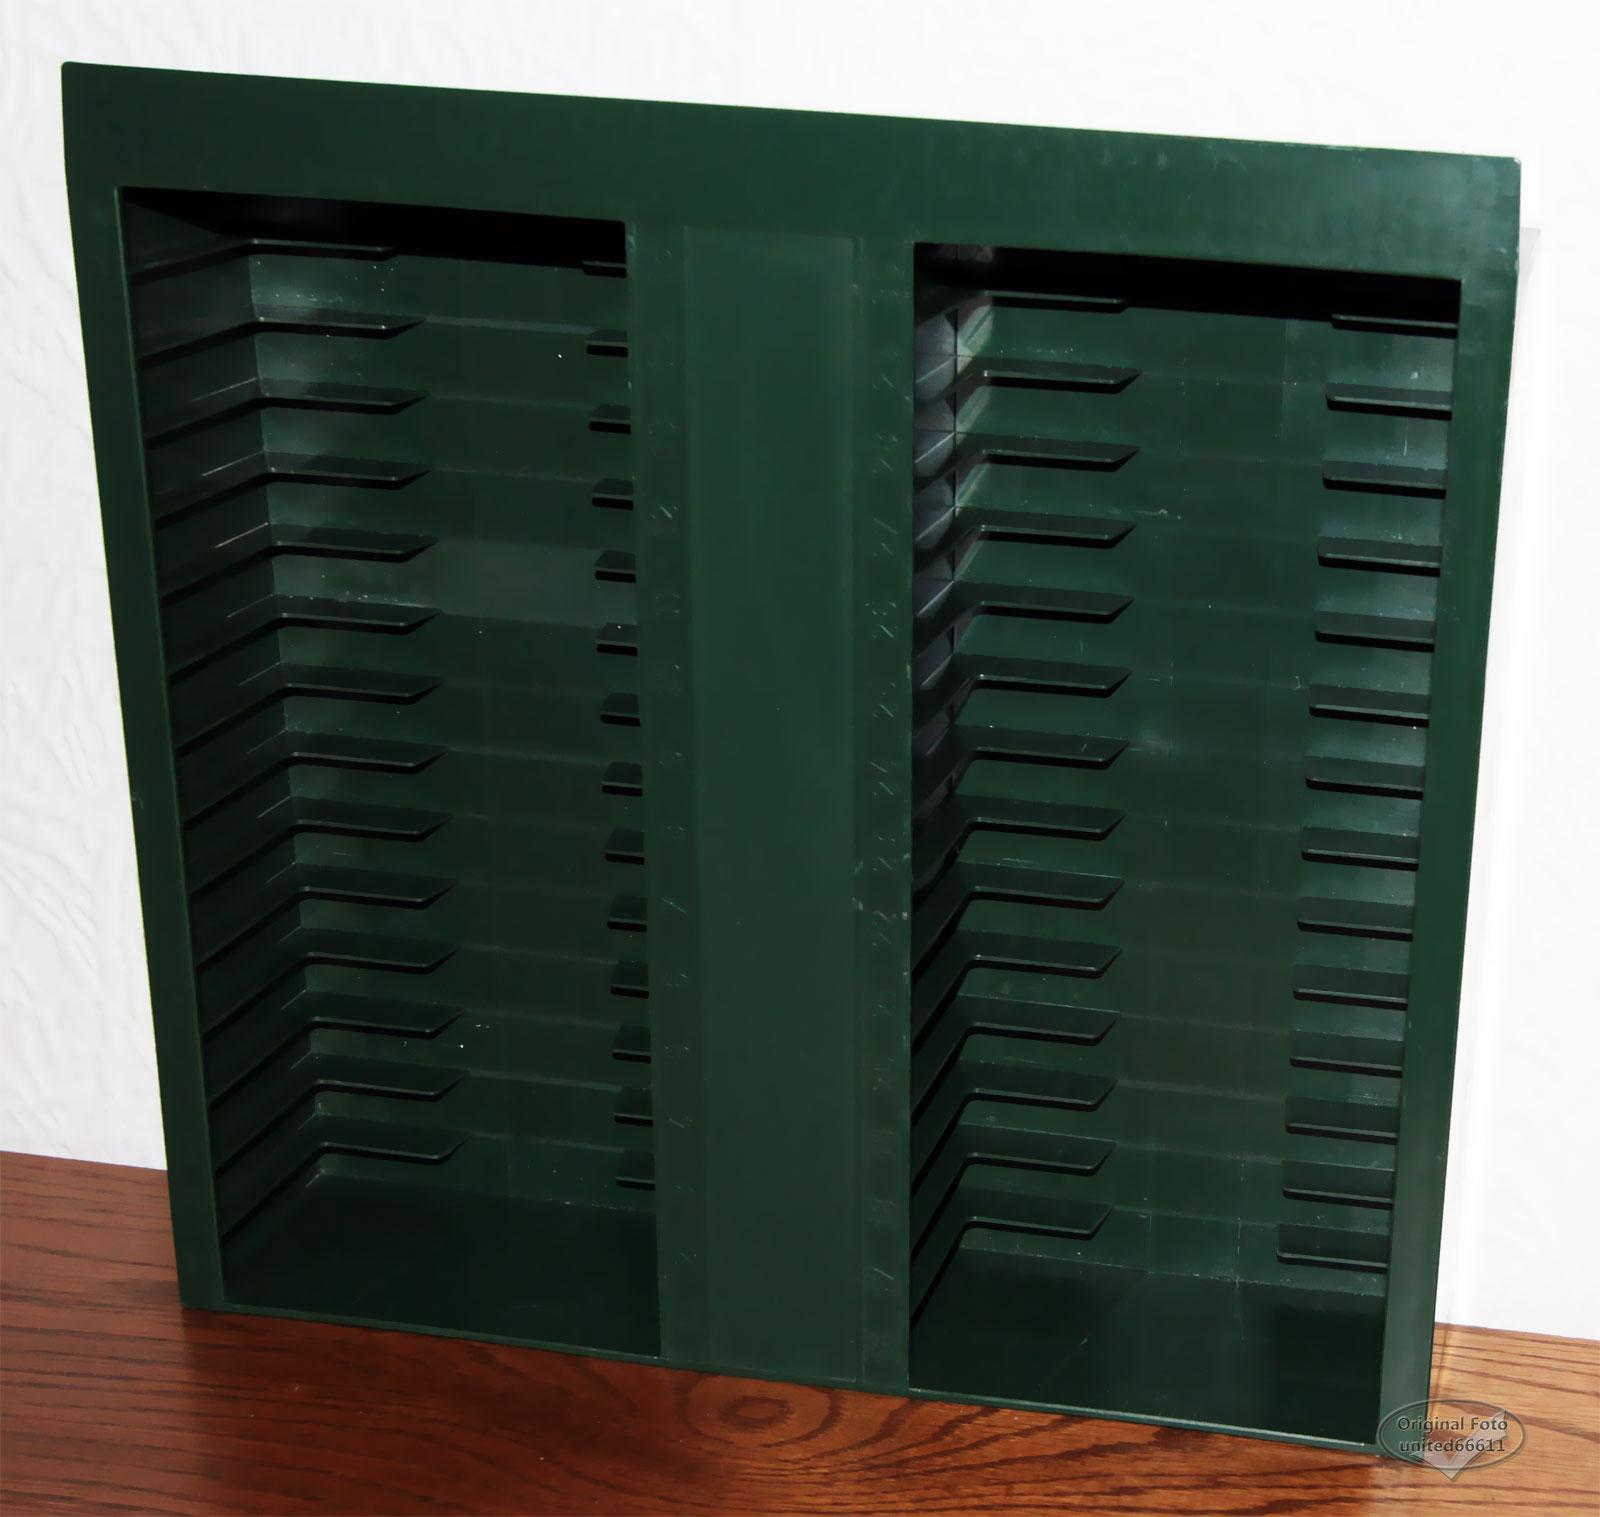 kassettenst nder regal gr n schublade vintage 30 mc. Black Bedroom Furniture Sets. Home Design Ideas